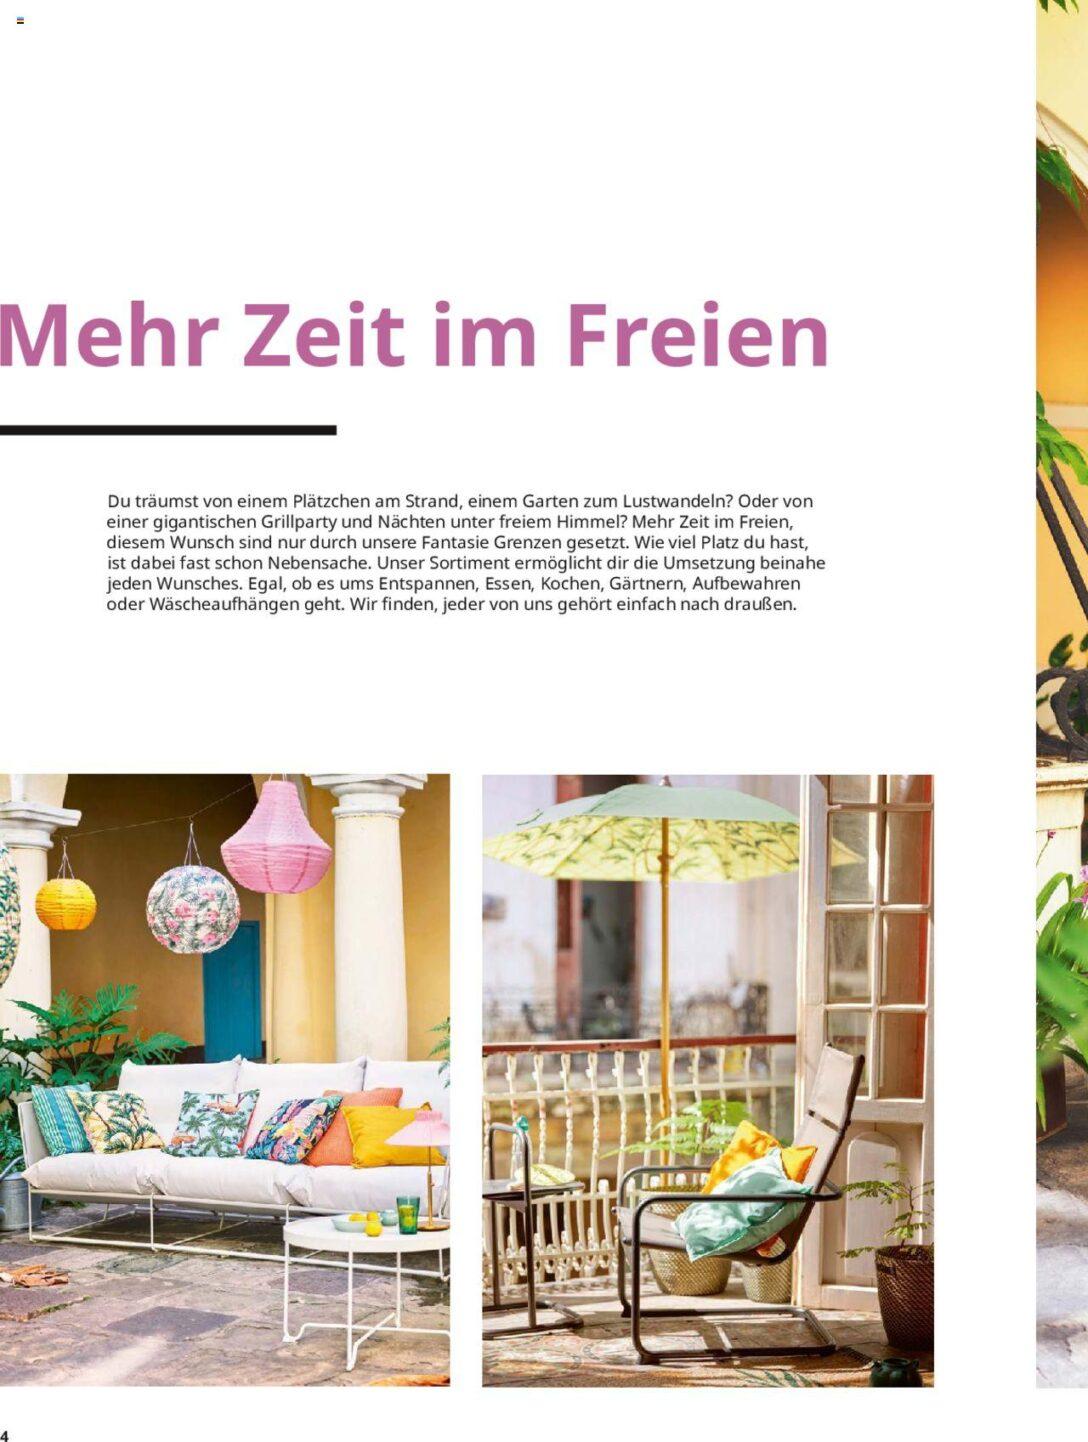 Large Size of Grill Beistelltisch Ikea Weber Tisch Gartenmbel Von Sonntag 26042020 Garten Betten Bei Küche Kosten Kaufen Miniküche Sofa Mit Schlaffunktion 160x200 Wohnzimmer Grill Beistelltisch Ikea